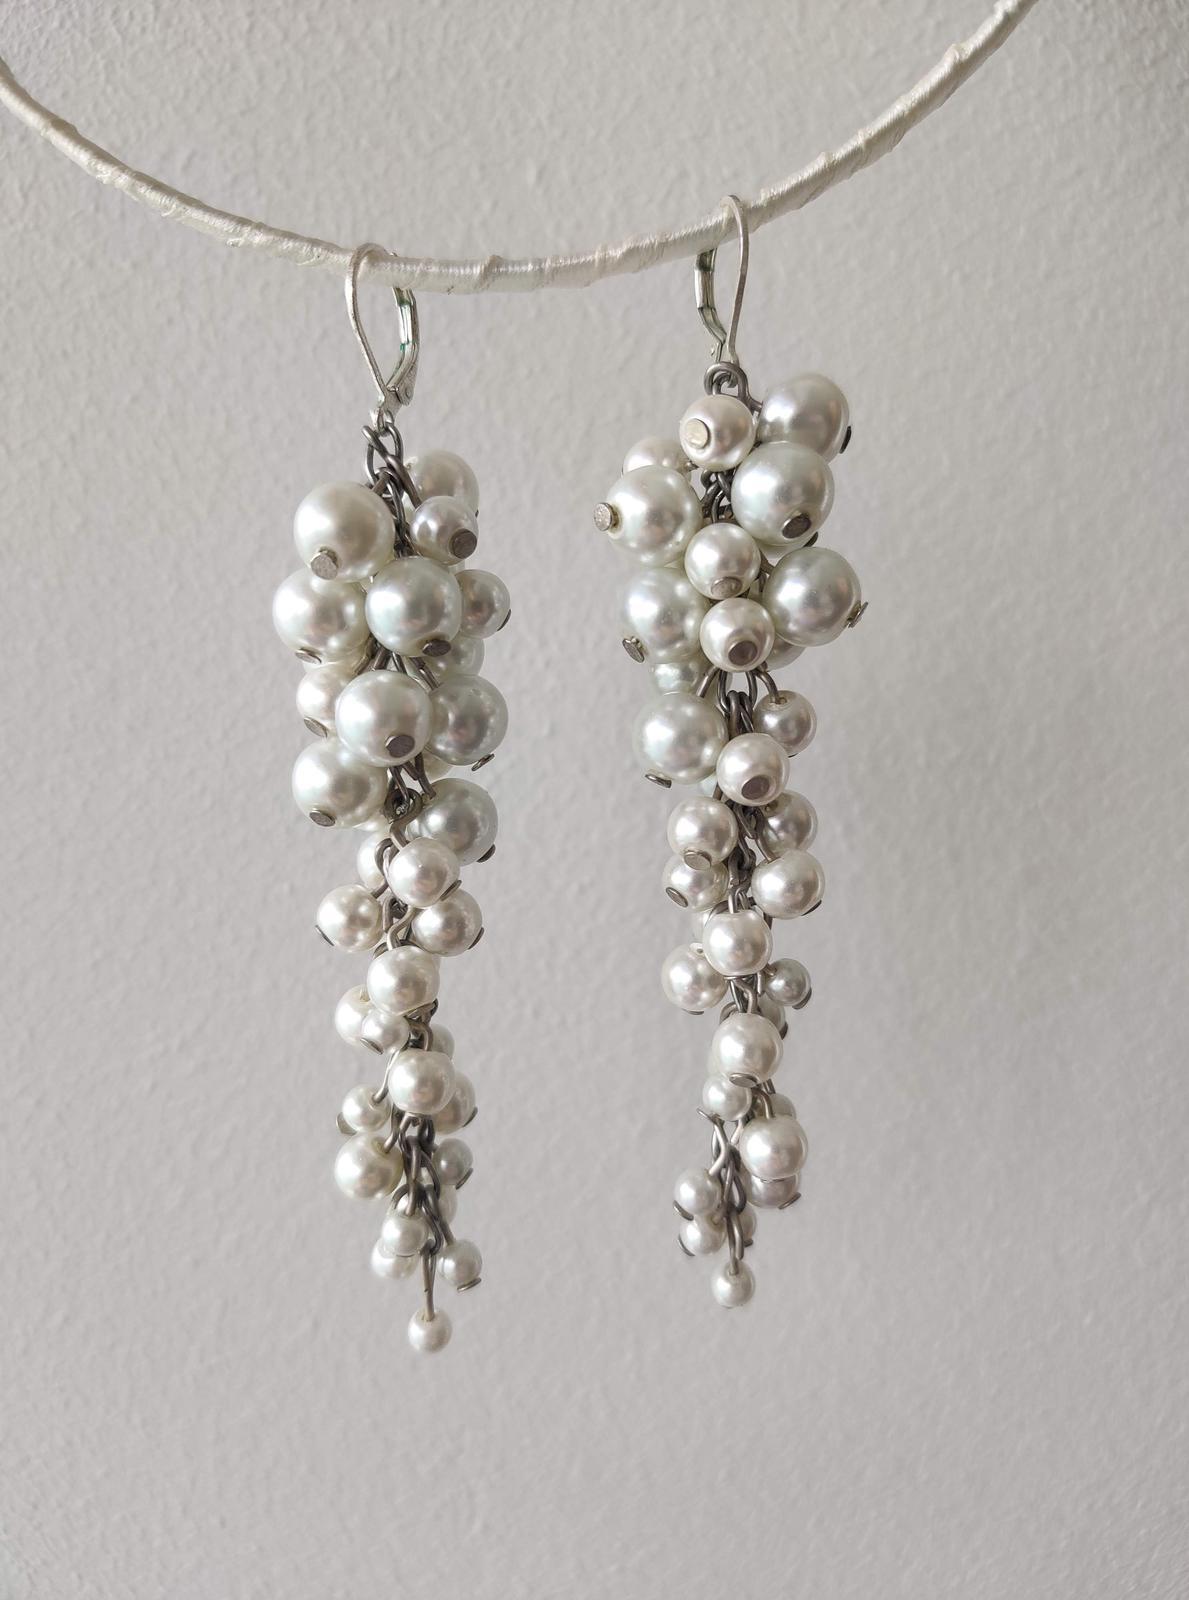 Biele perličkové strapcové náušnice - Obrázok č. 1